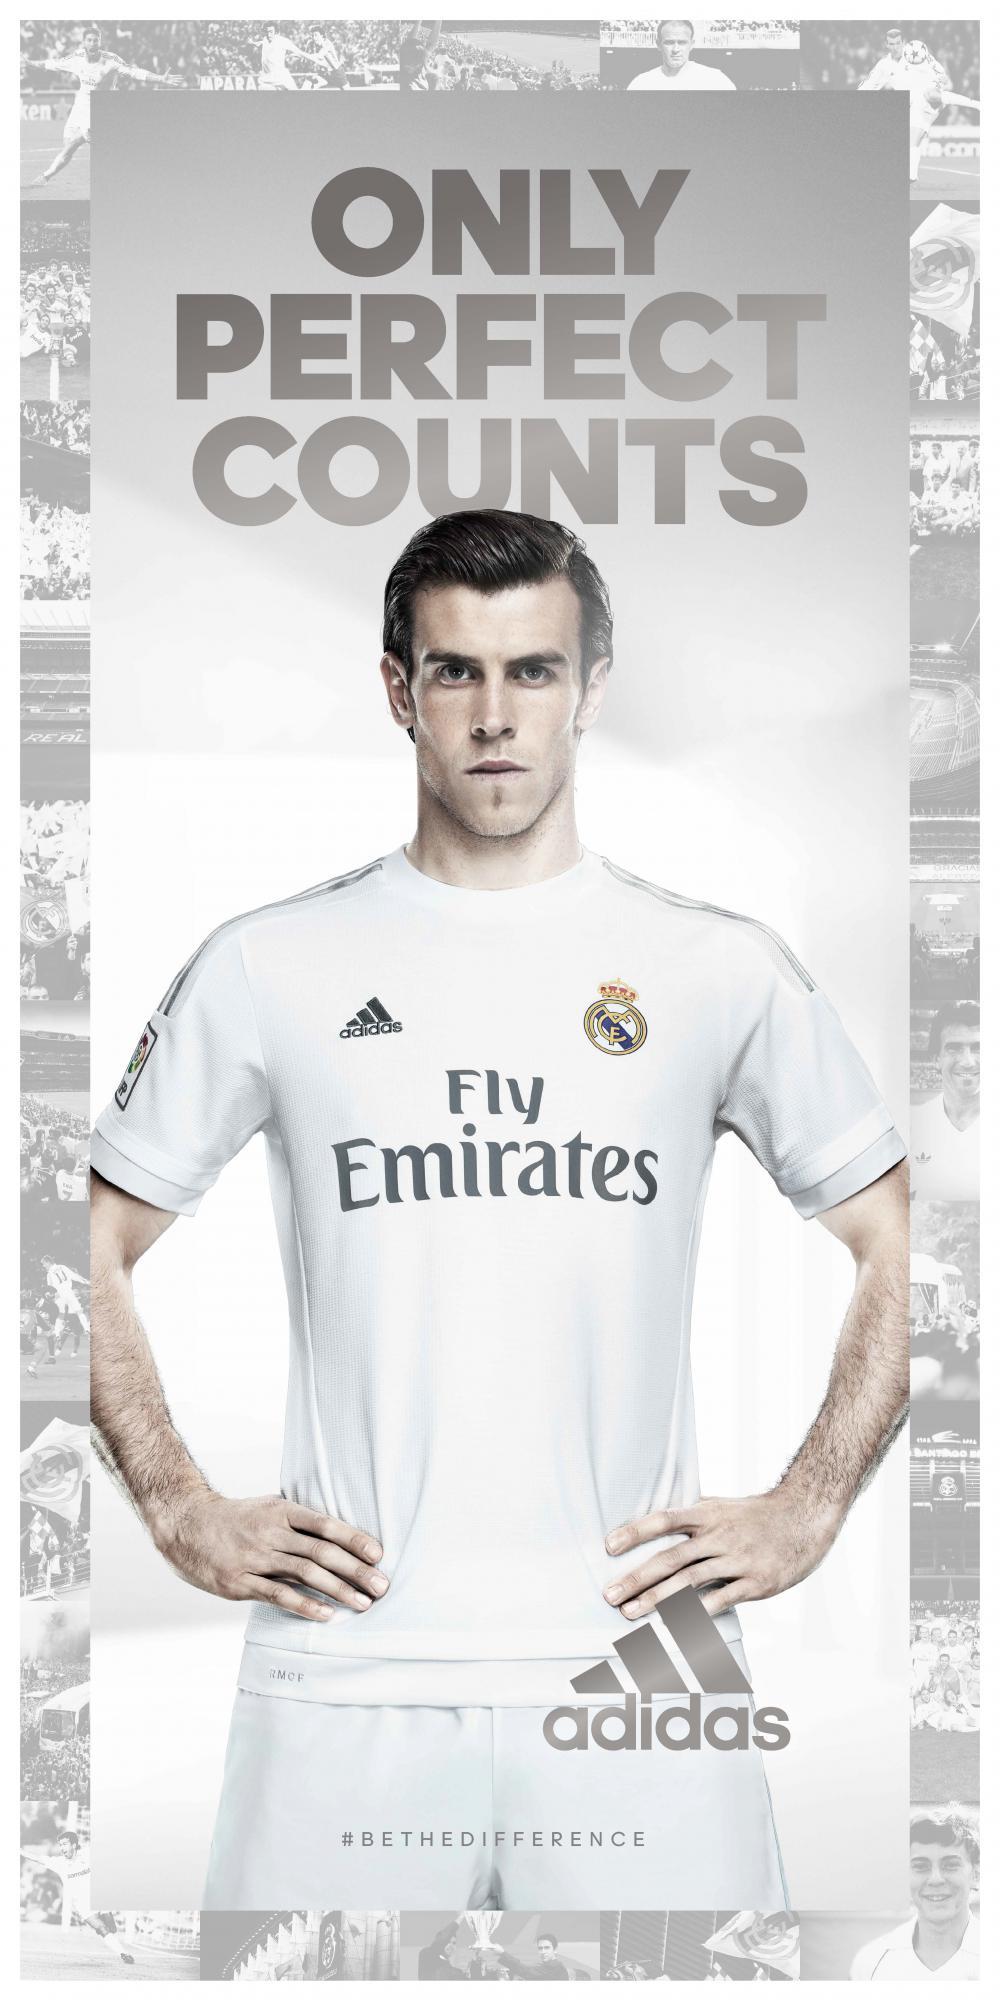 El Real Madrid estrena equipación. Foto  Adidas e9b13f129082c